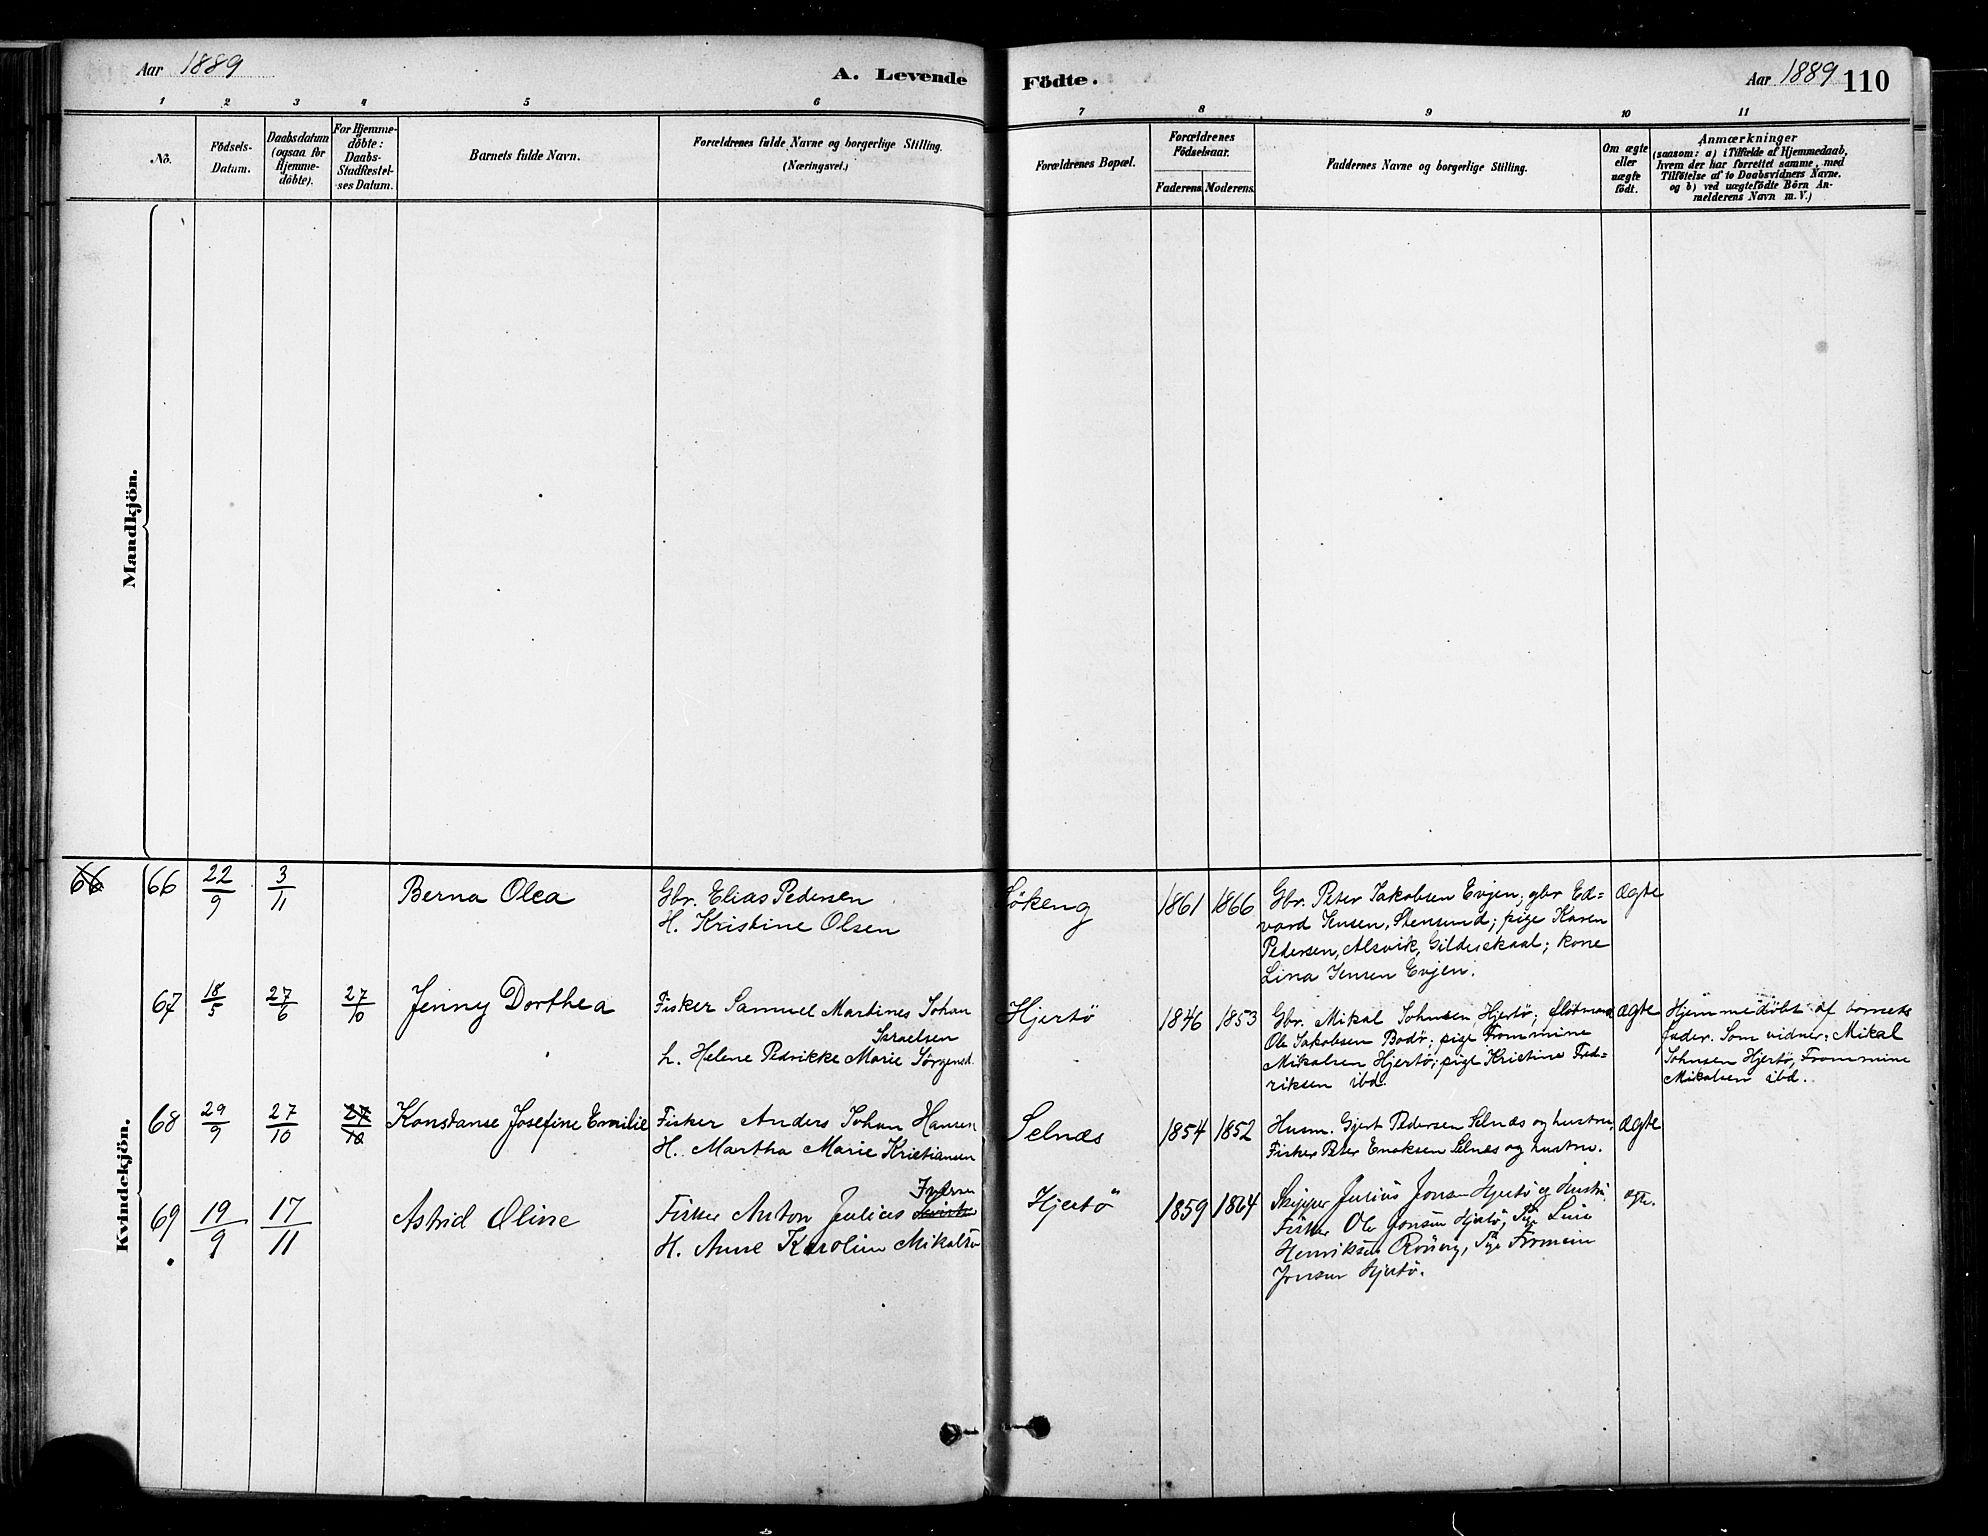 SAT, Ministerialprotokoller, klokkerbøker og fødselsregistre - Nordland, 802/L0054: Parish register (official) no. 802A01, 1879-1893, p. 110